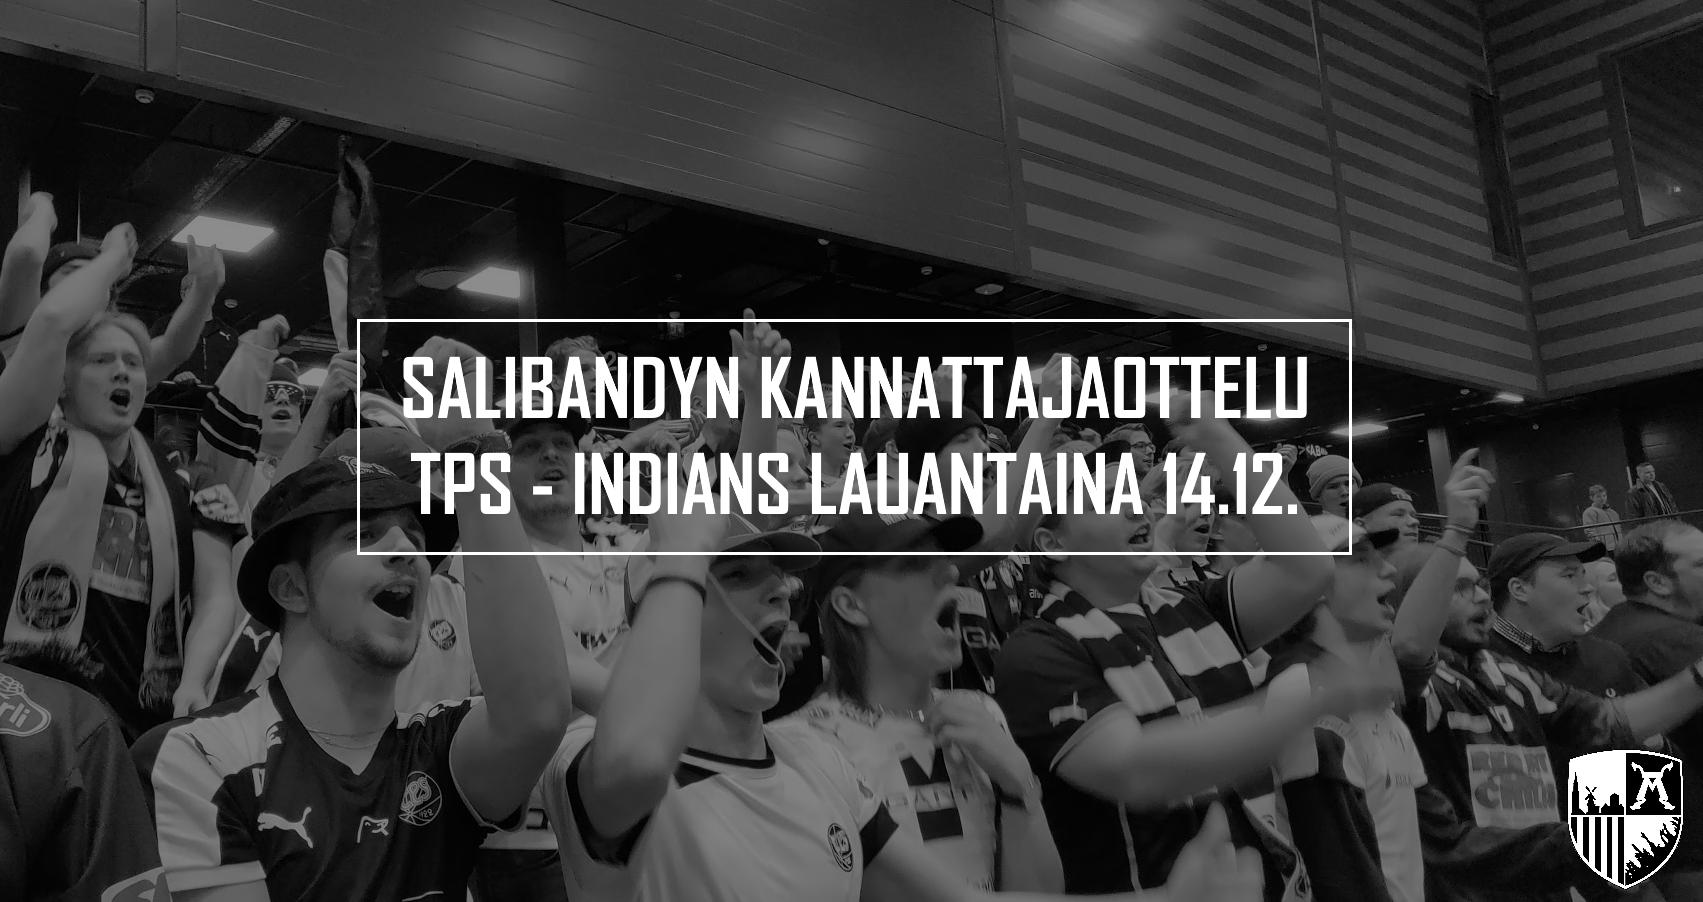 Salibandyn kannattajaottelu: TPS-Indians lauantaina 14.12. klo 18.30